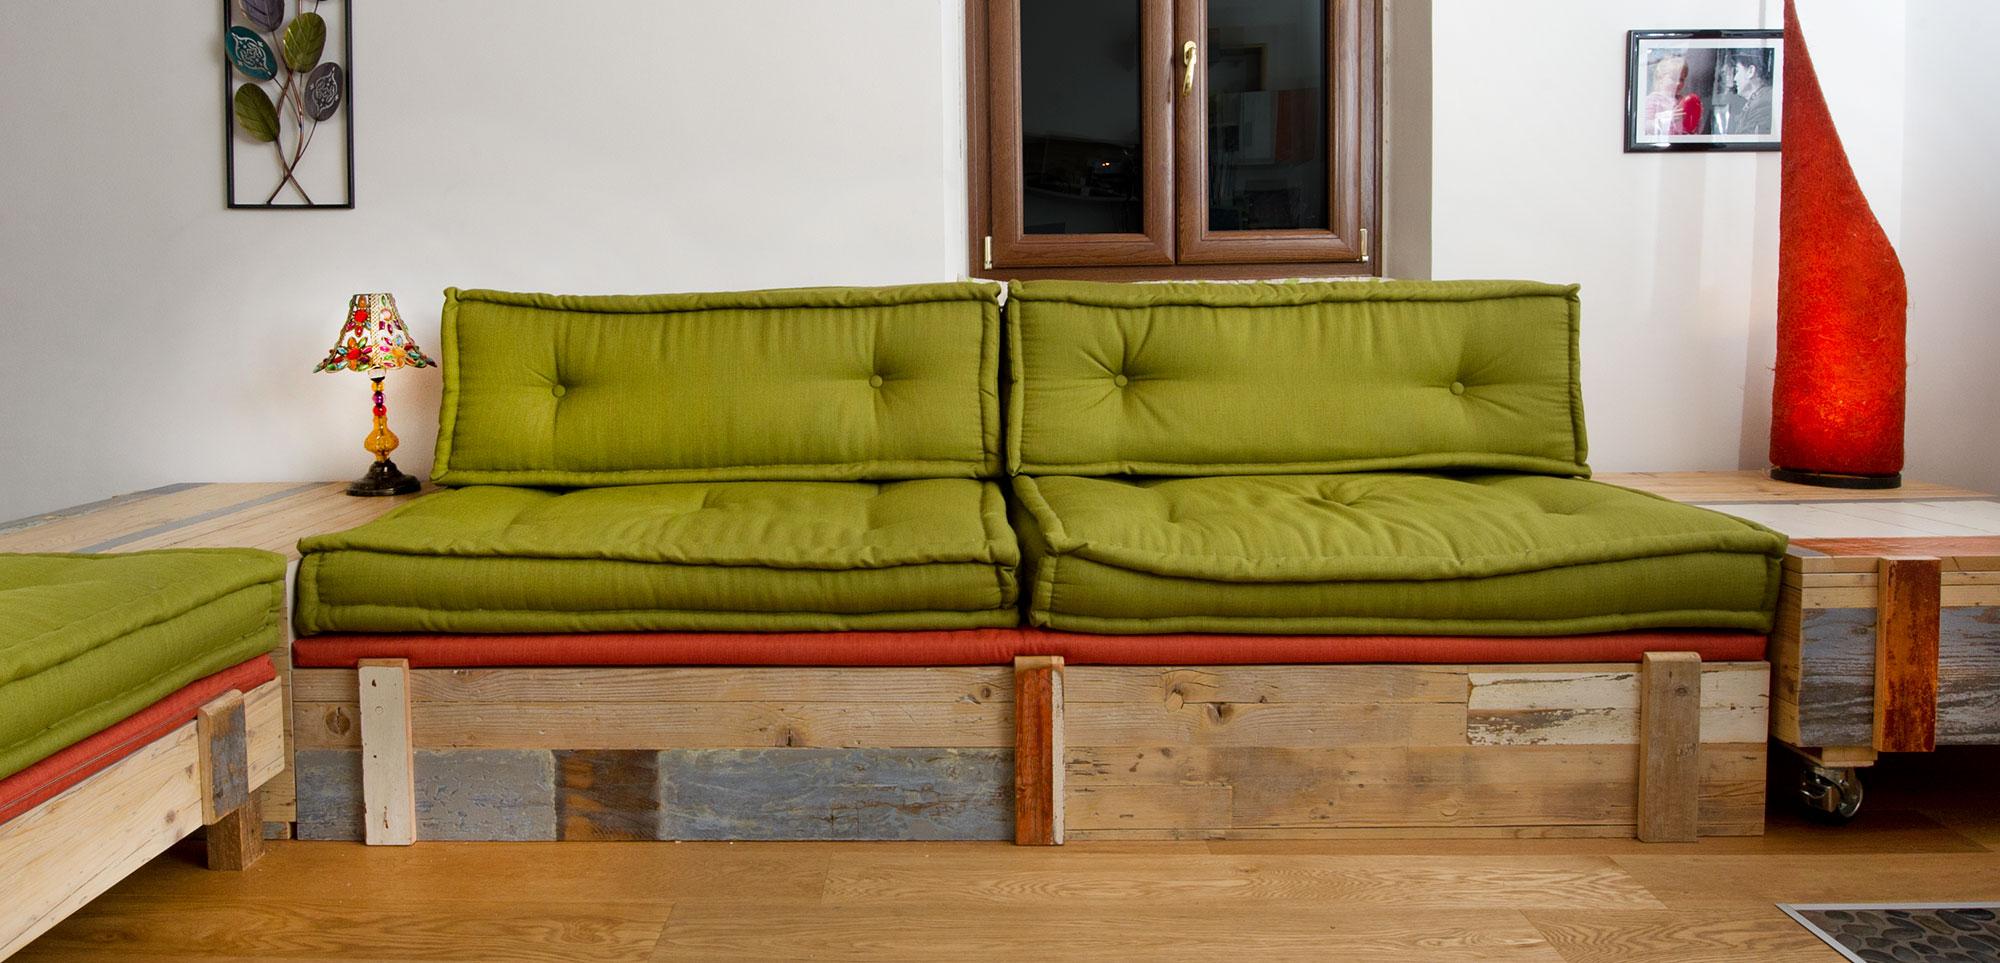 soggiorno legno di recupero e divano verde tapezzeria fatta a mano Abiuno